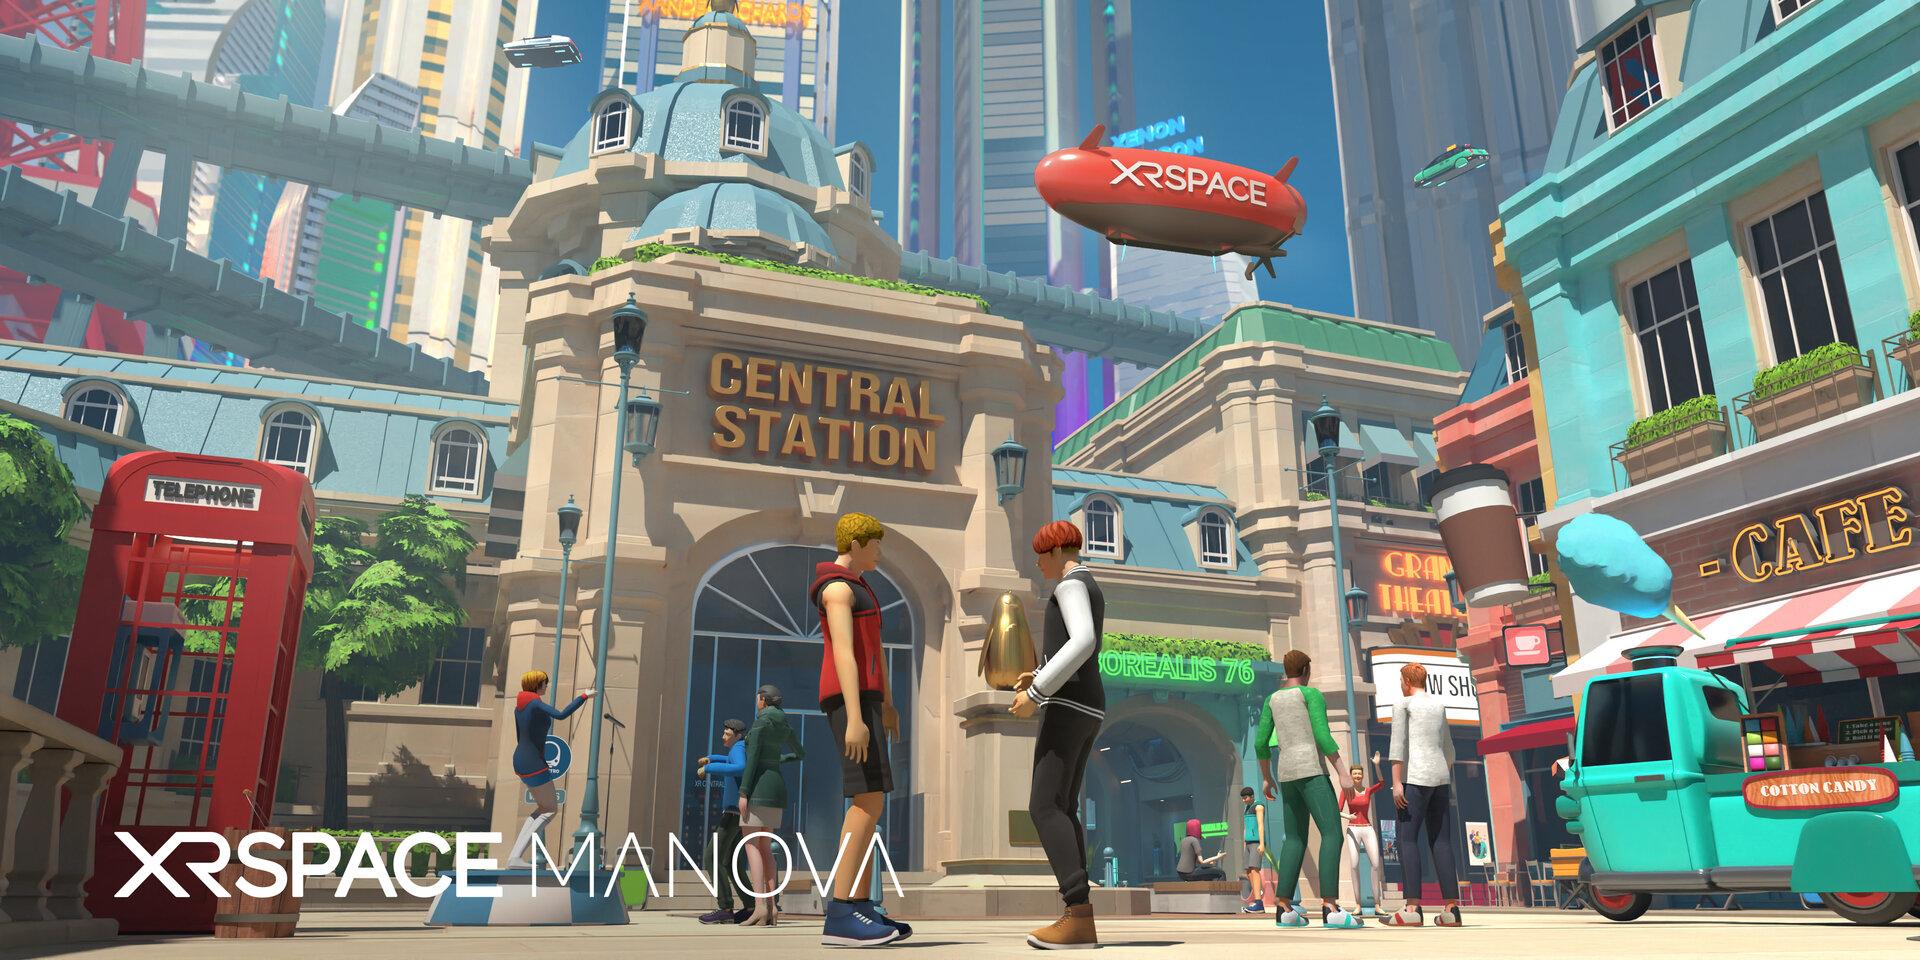 Das Stadtzentrum der Manova World